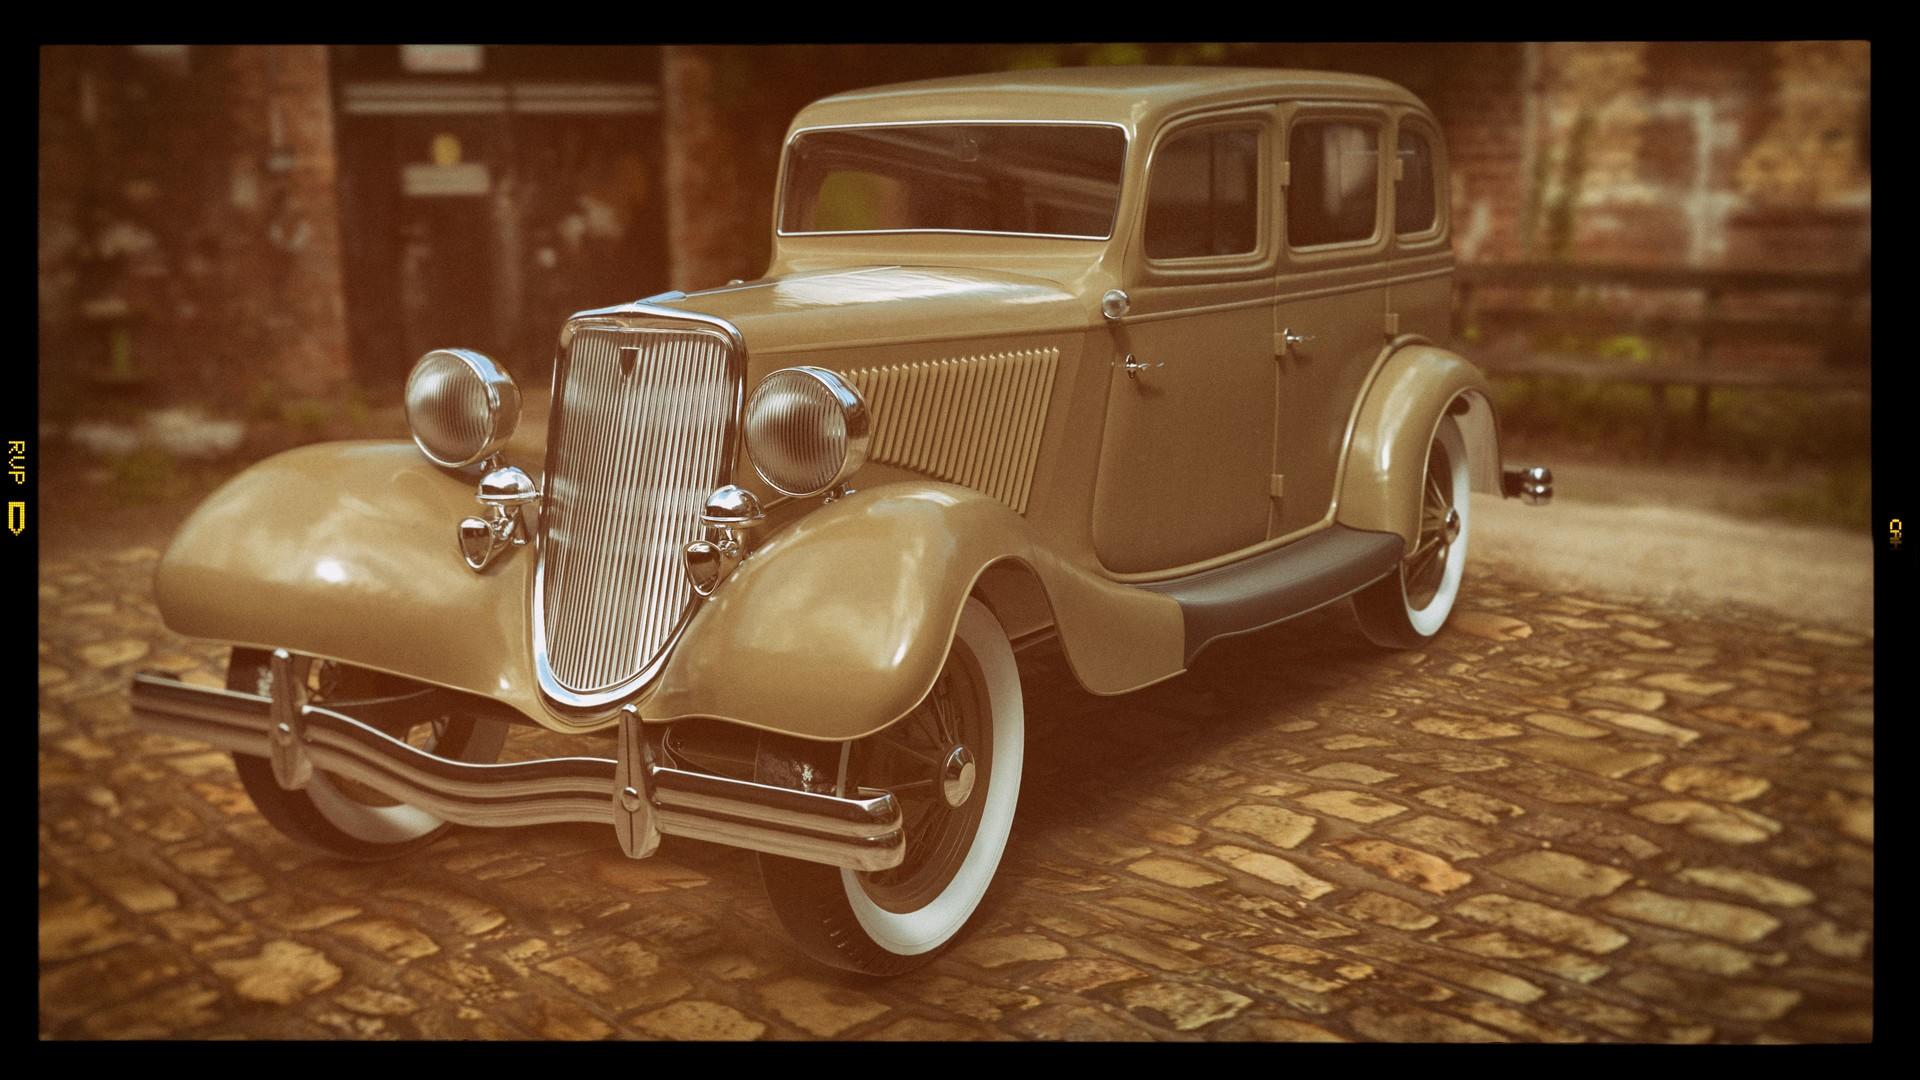 Dan Oliver Finke Ford Model 40 Bonnie Amp Clyde Deathcar